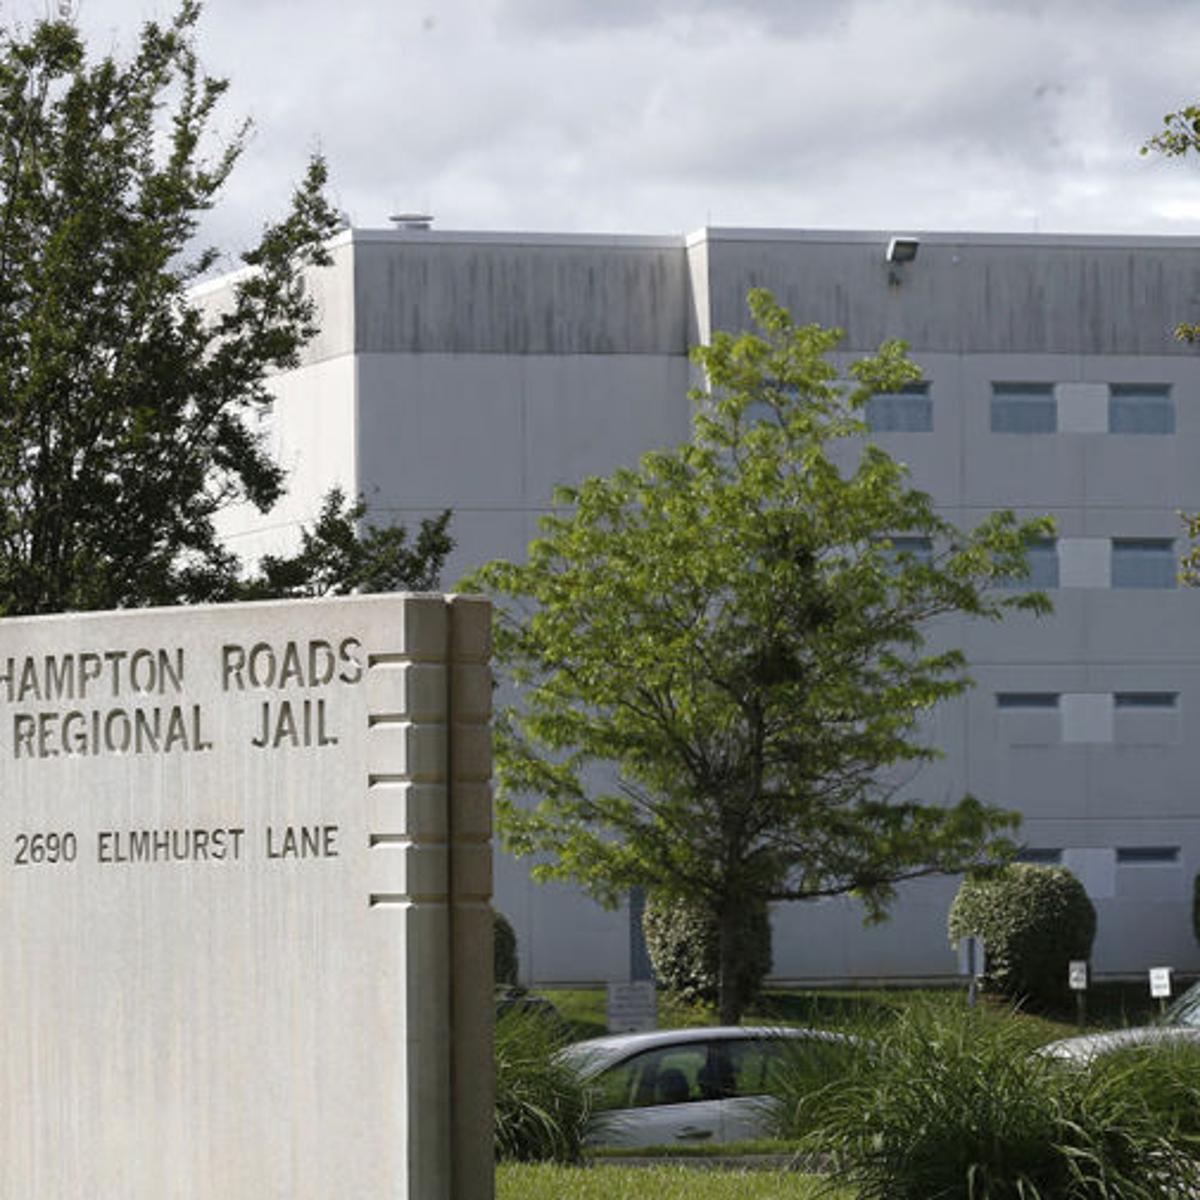 Virginia jail death investigator closing cases, but